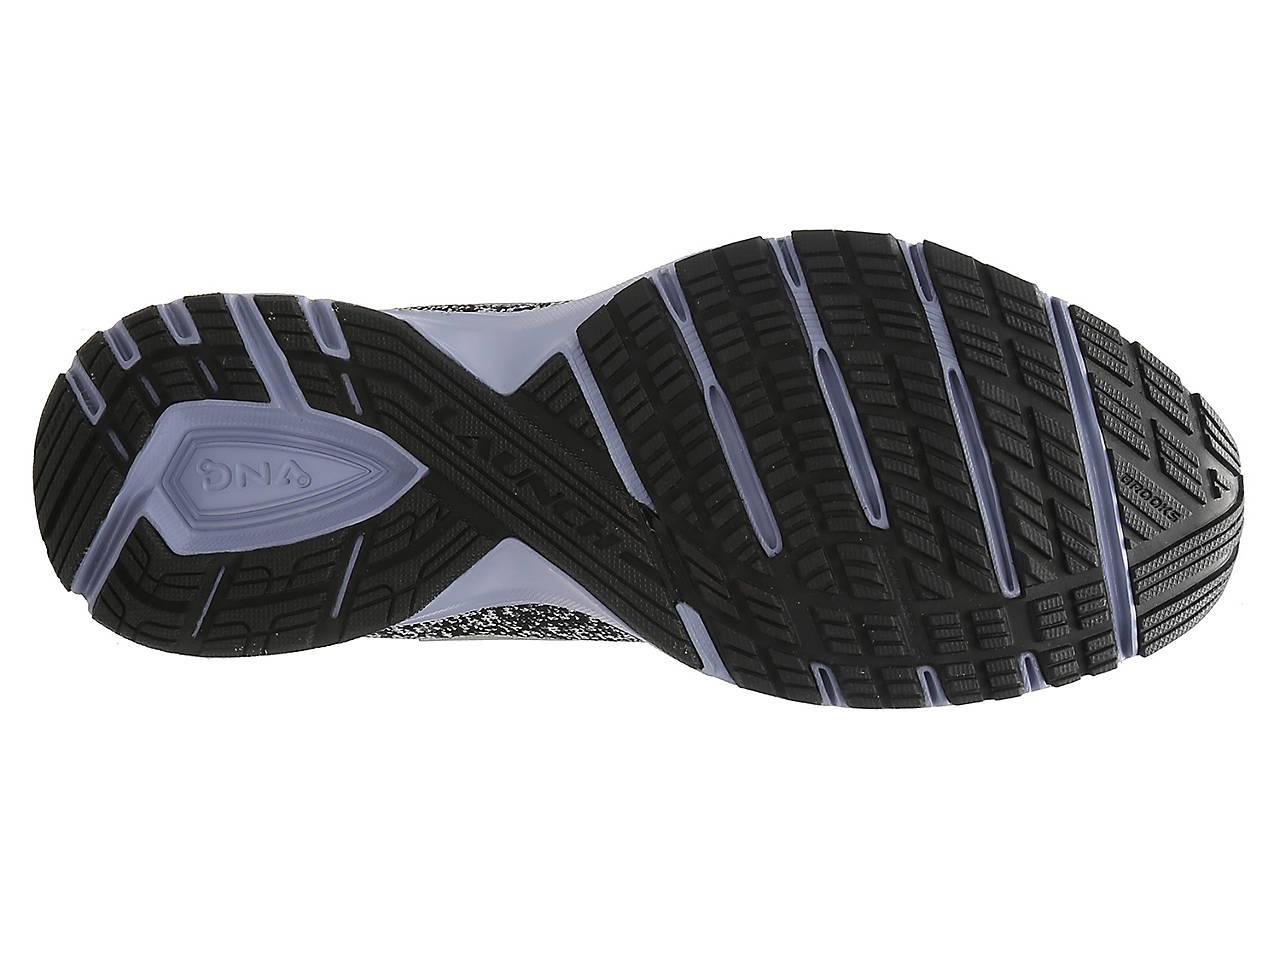 0e5f71fd6c7c2 Brooks Launch 5 Performance Running Shoe - Women s Women s Shoes